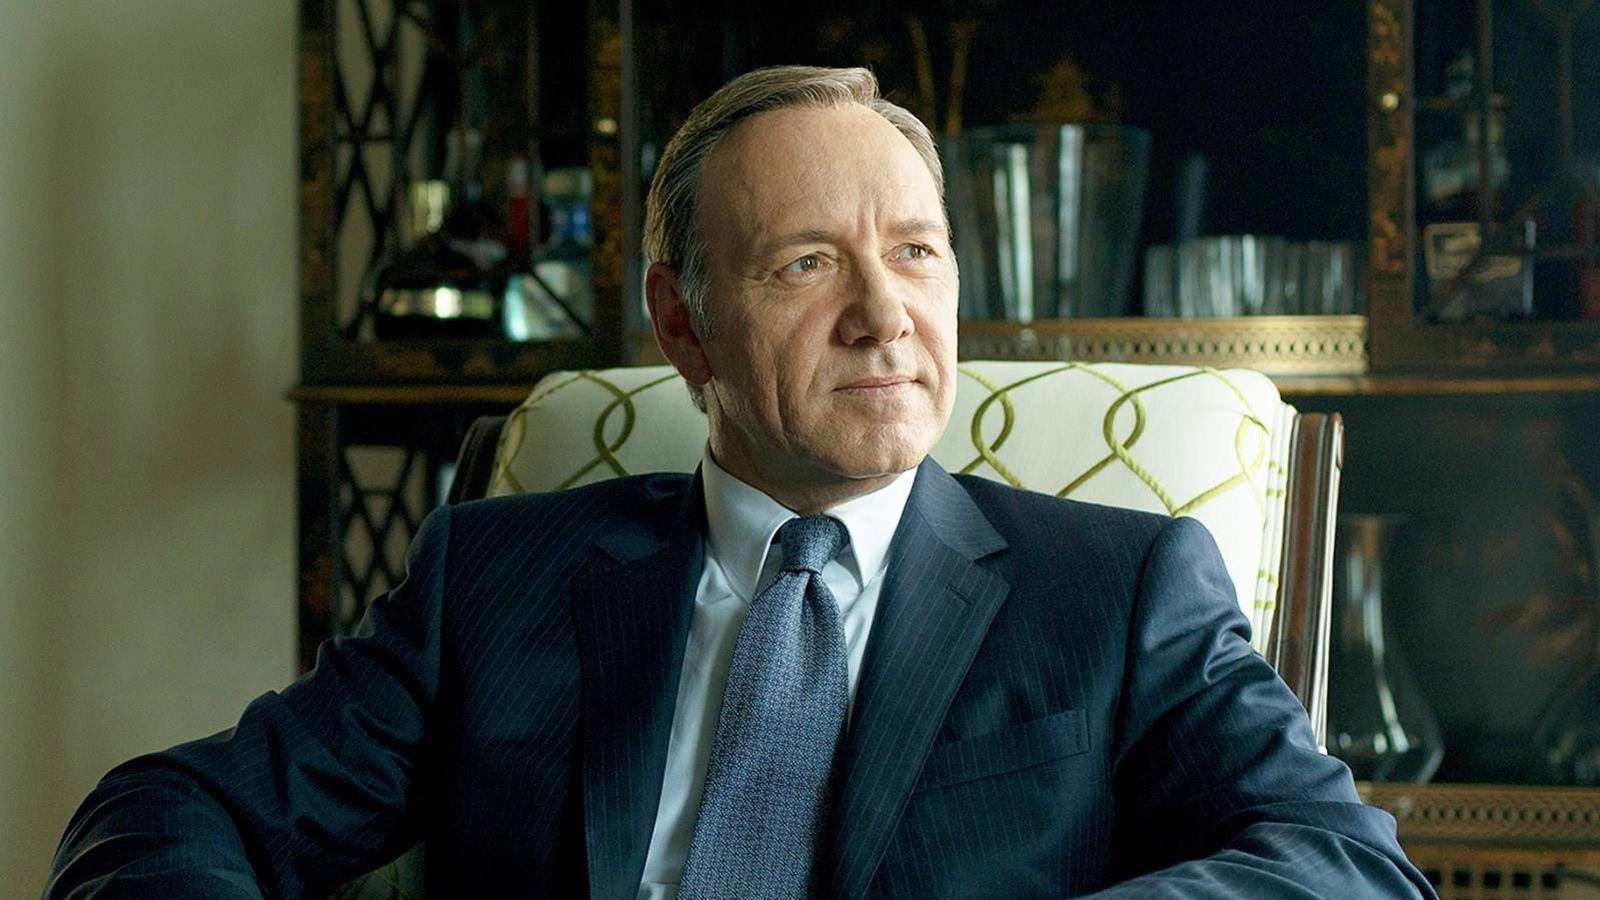 Foto: El actor Kevin spacey en una imagen de 'House of Cards'.